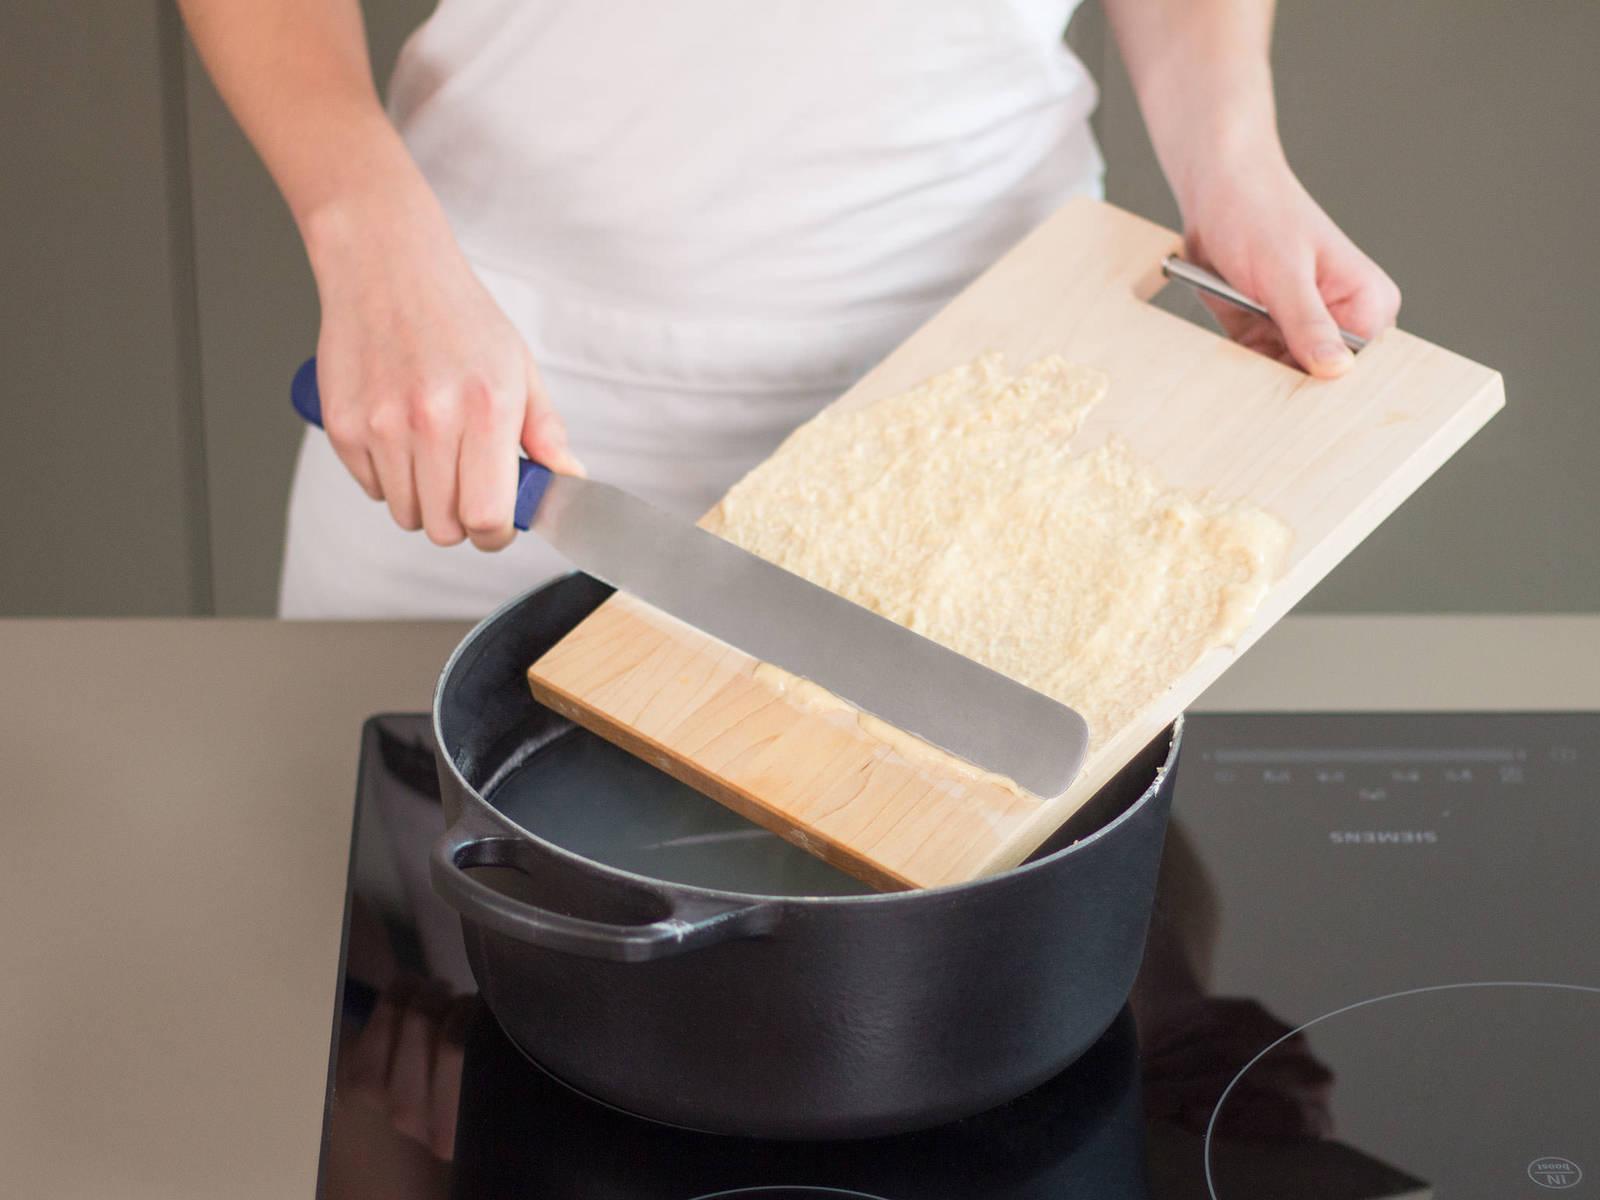 Einen großen Topf zur Hälfte mit gesalzenem Wasser füllen und bei mittlerer Hitze zum Kochen bringen. Schneidebrett mit ein wenig kochendem Wasser benetzen und anschließend mit einer dünnen, ebenmäßigen Schicht Teig bestreichen. Mit einer Kuchenpalette dünne, etwa stiftdicke Streifen Teig vom Brett in den Topf schaben. Ca. 1 Min. kochen, bis die Spätzle an die Wasseroberfläche steigen. Anschließend in Eiswasser ca. 20 Sek. abschrecken. Zum Abtropfen, in ein Sieb geben.